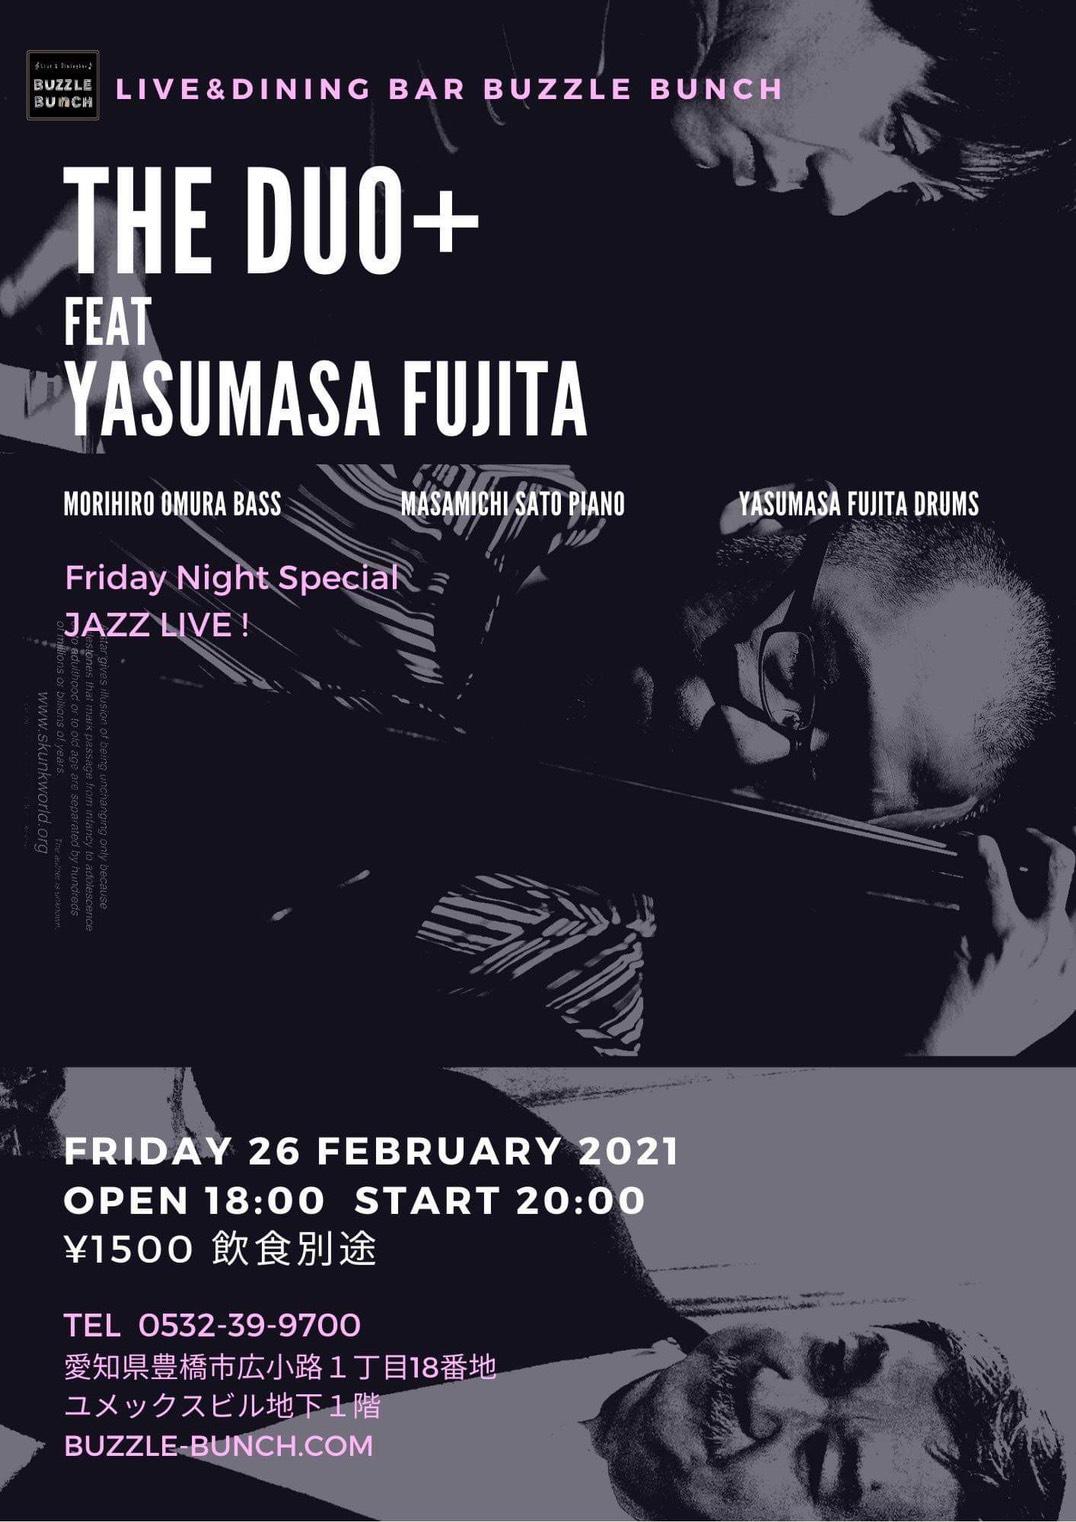 2021年2月26日(金) THE DUO  FEAT  YASUMASA FUJITA